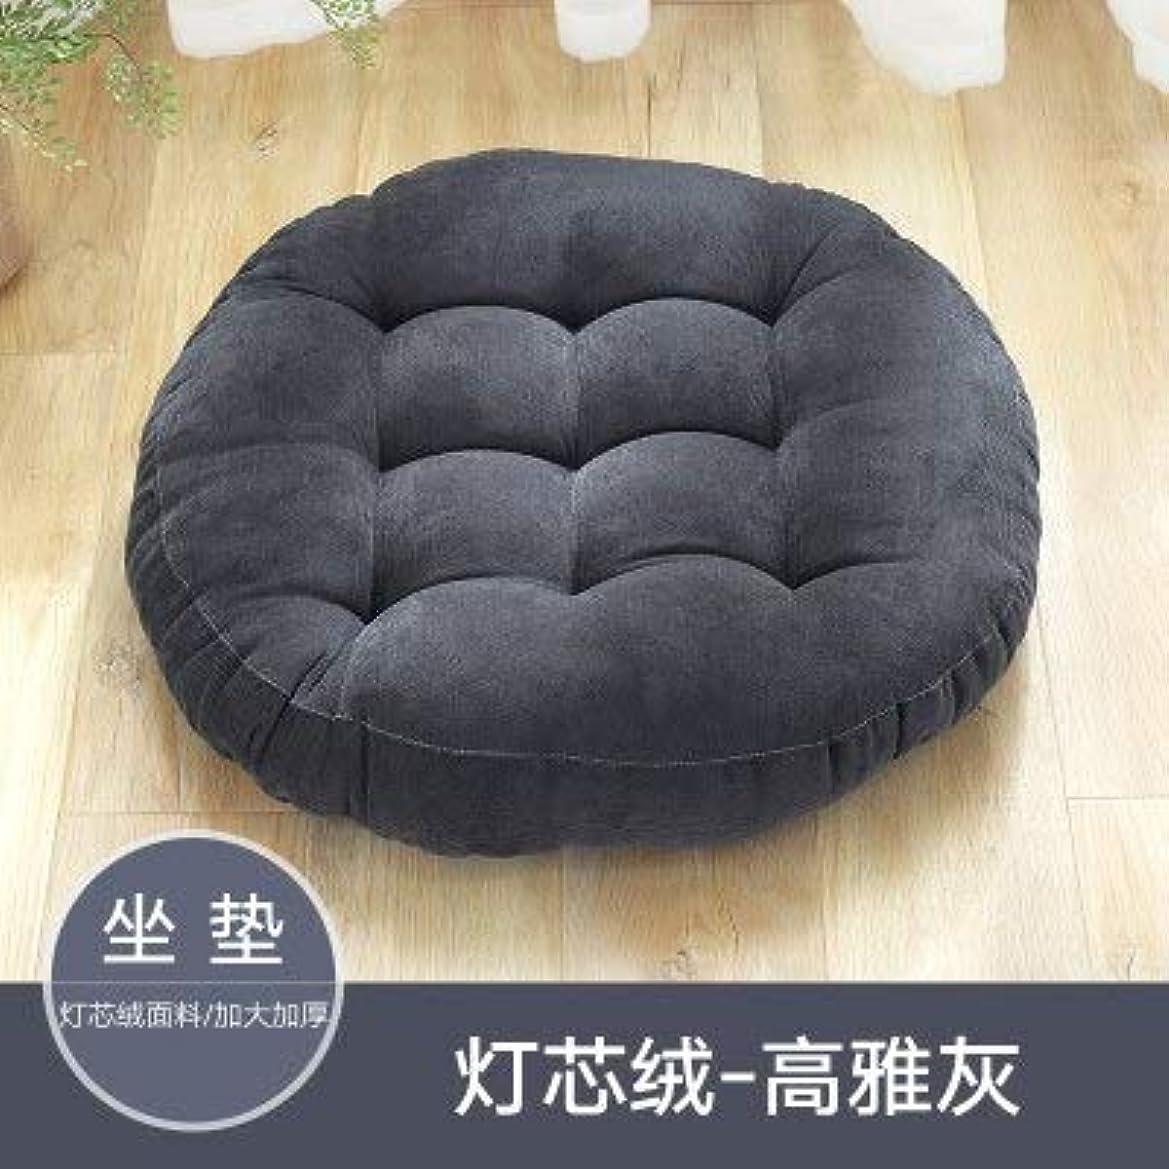 発明テロスライムLIFE ラウンド厚い椅子のクッションフロアマットレスシートパッドソフトホームオフィスチェアクッションマットソフトスロー枕最高品質の床クッション クッション 椅子